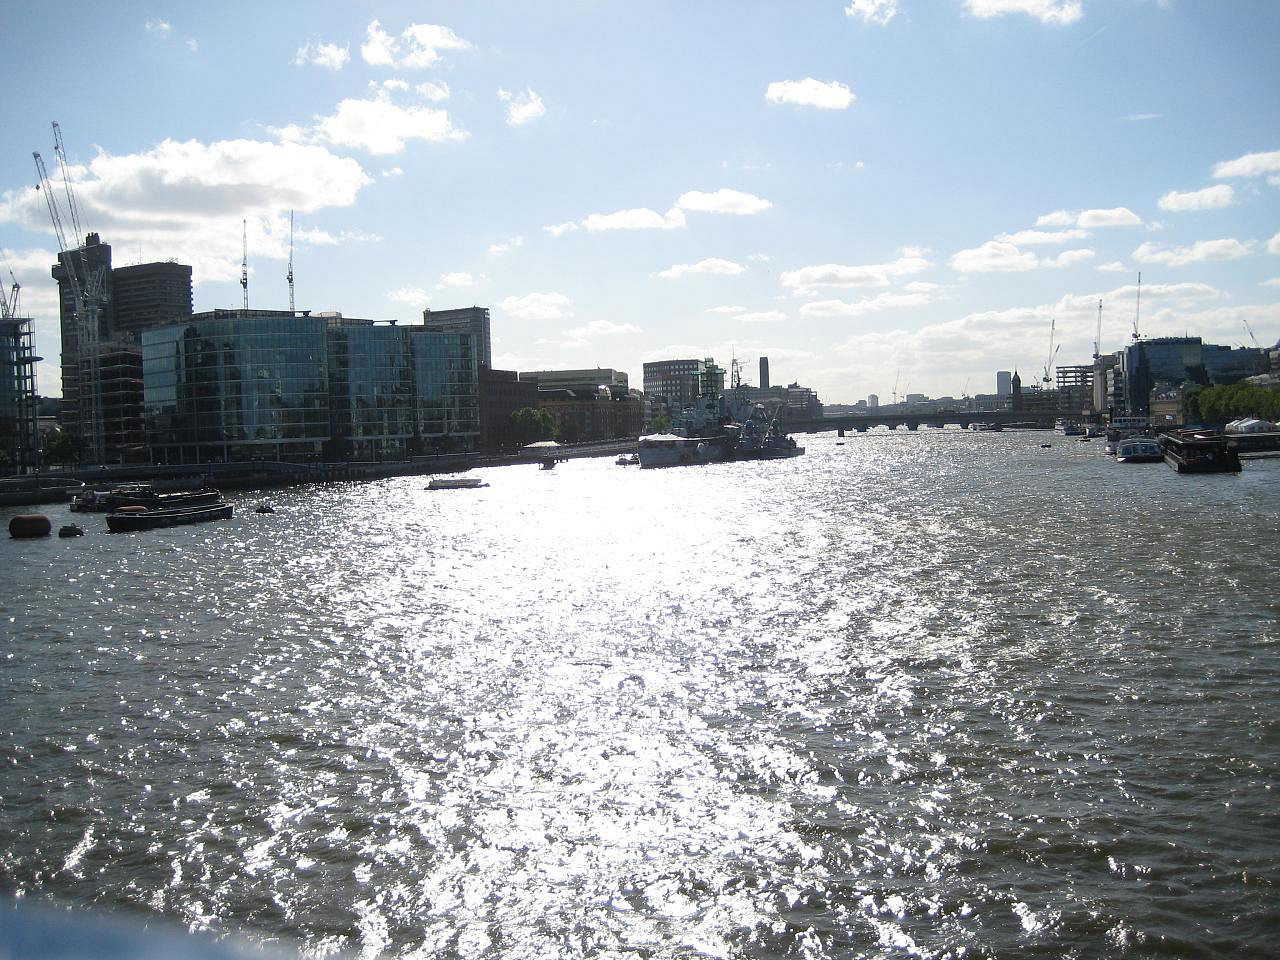 Shoot along the Thames